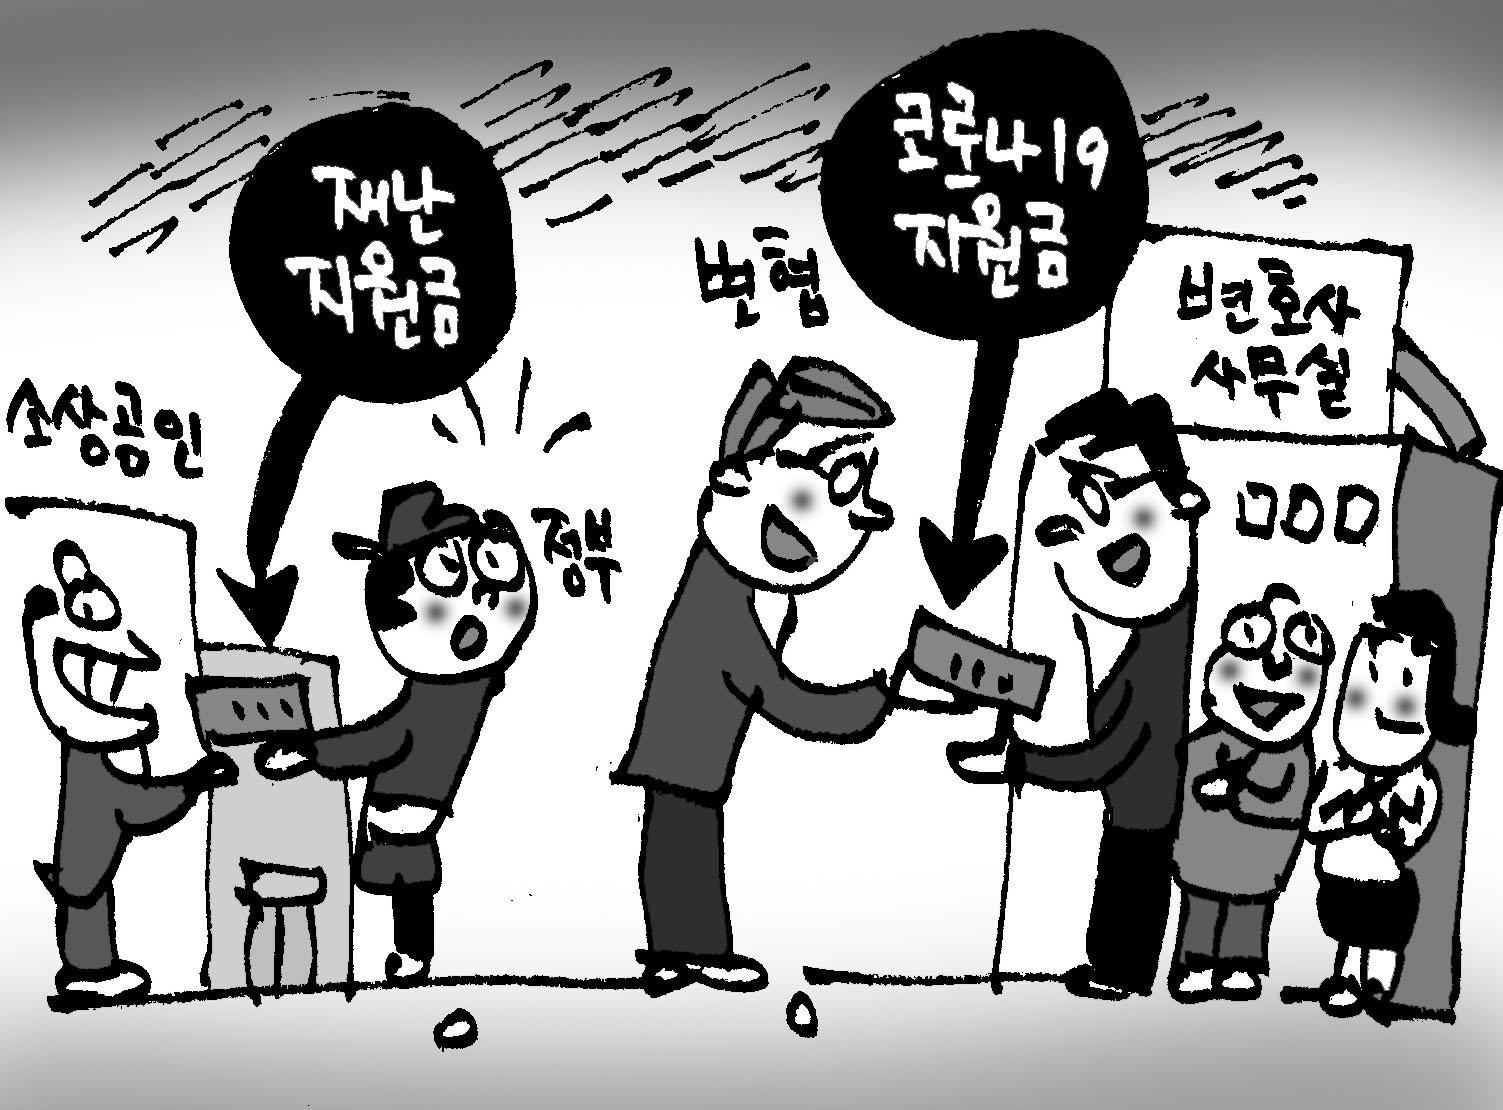 변협, 전국 개업회원에 '코로나19 지원금'… 실무연수 수강료 환급도